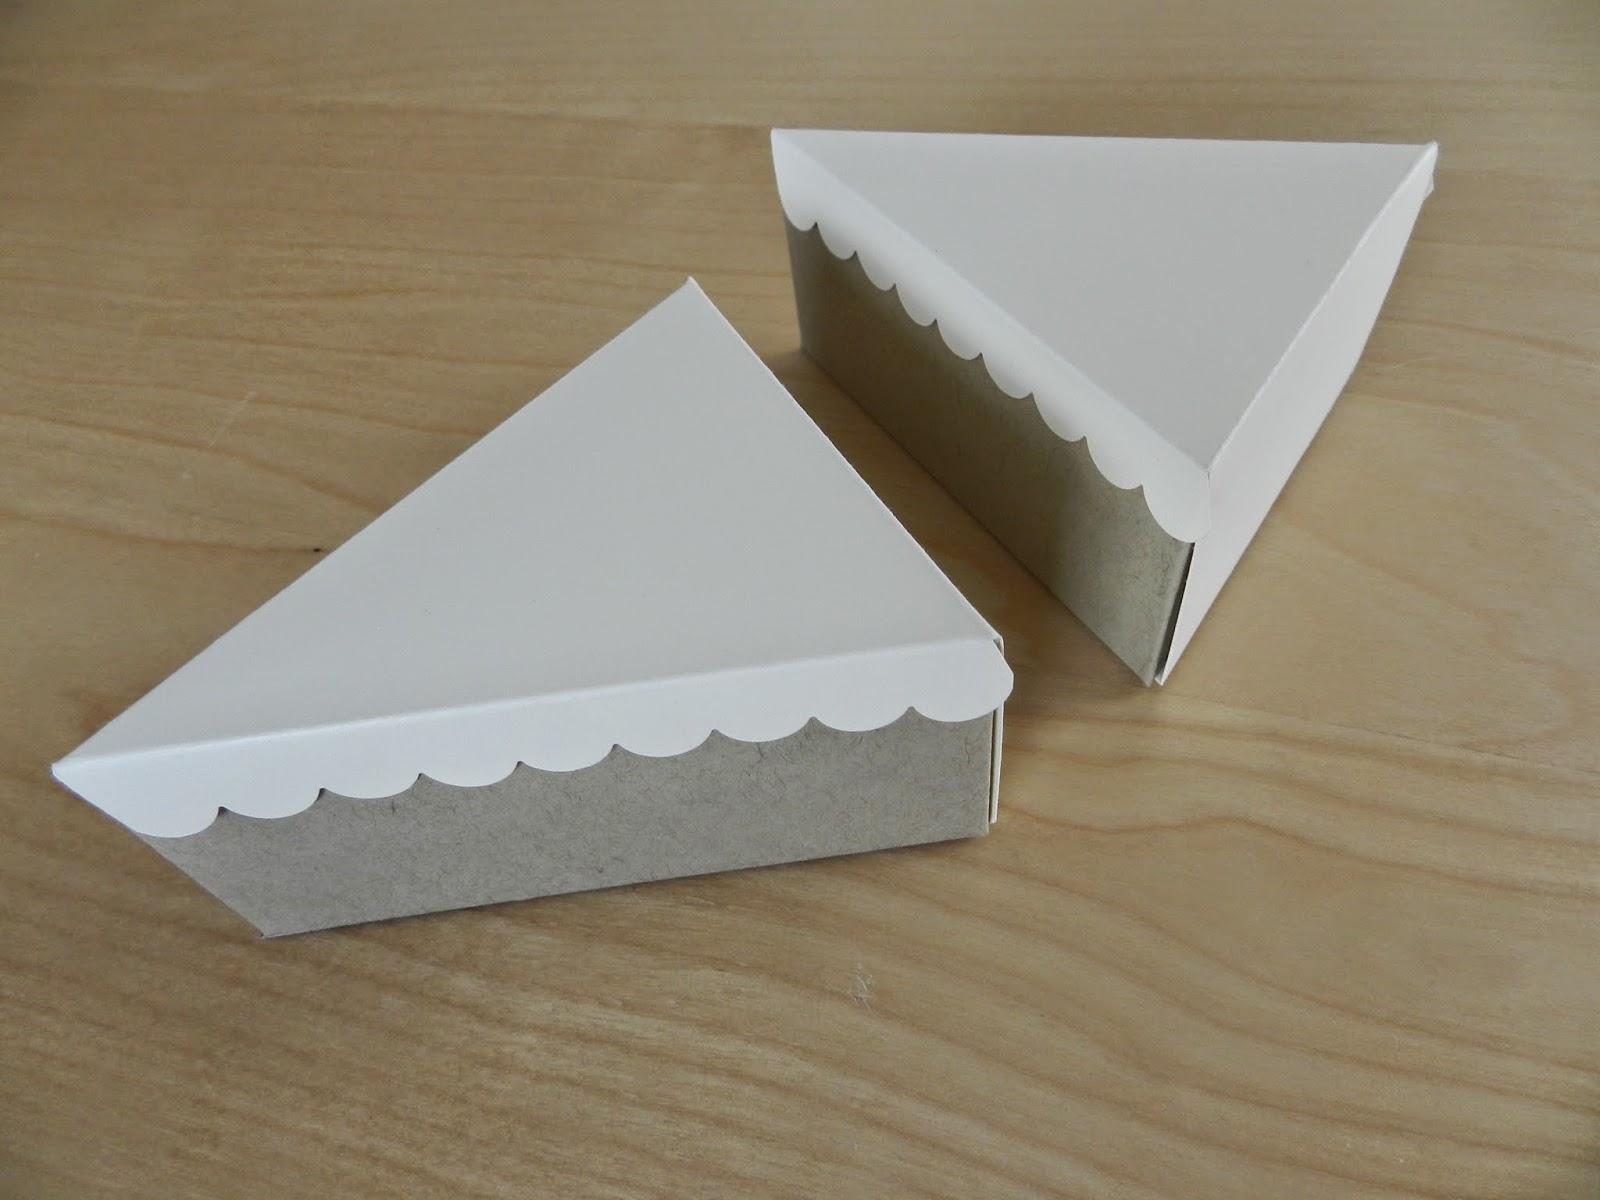 hochzeitstorte aus papier bastelanleitung hochzeitstorte. Black Bedroom Furniture Sets. Home Design Ideas